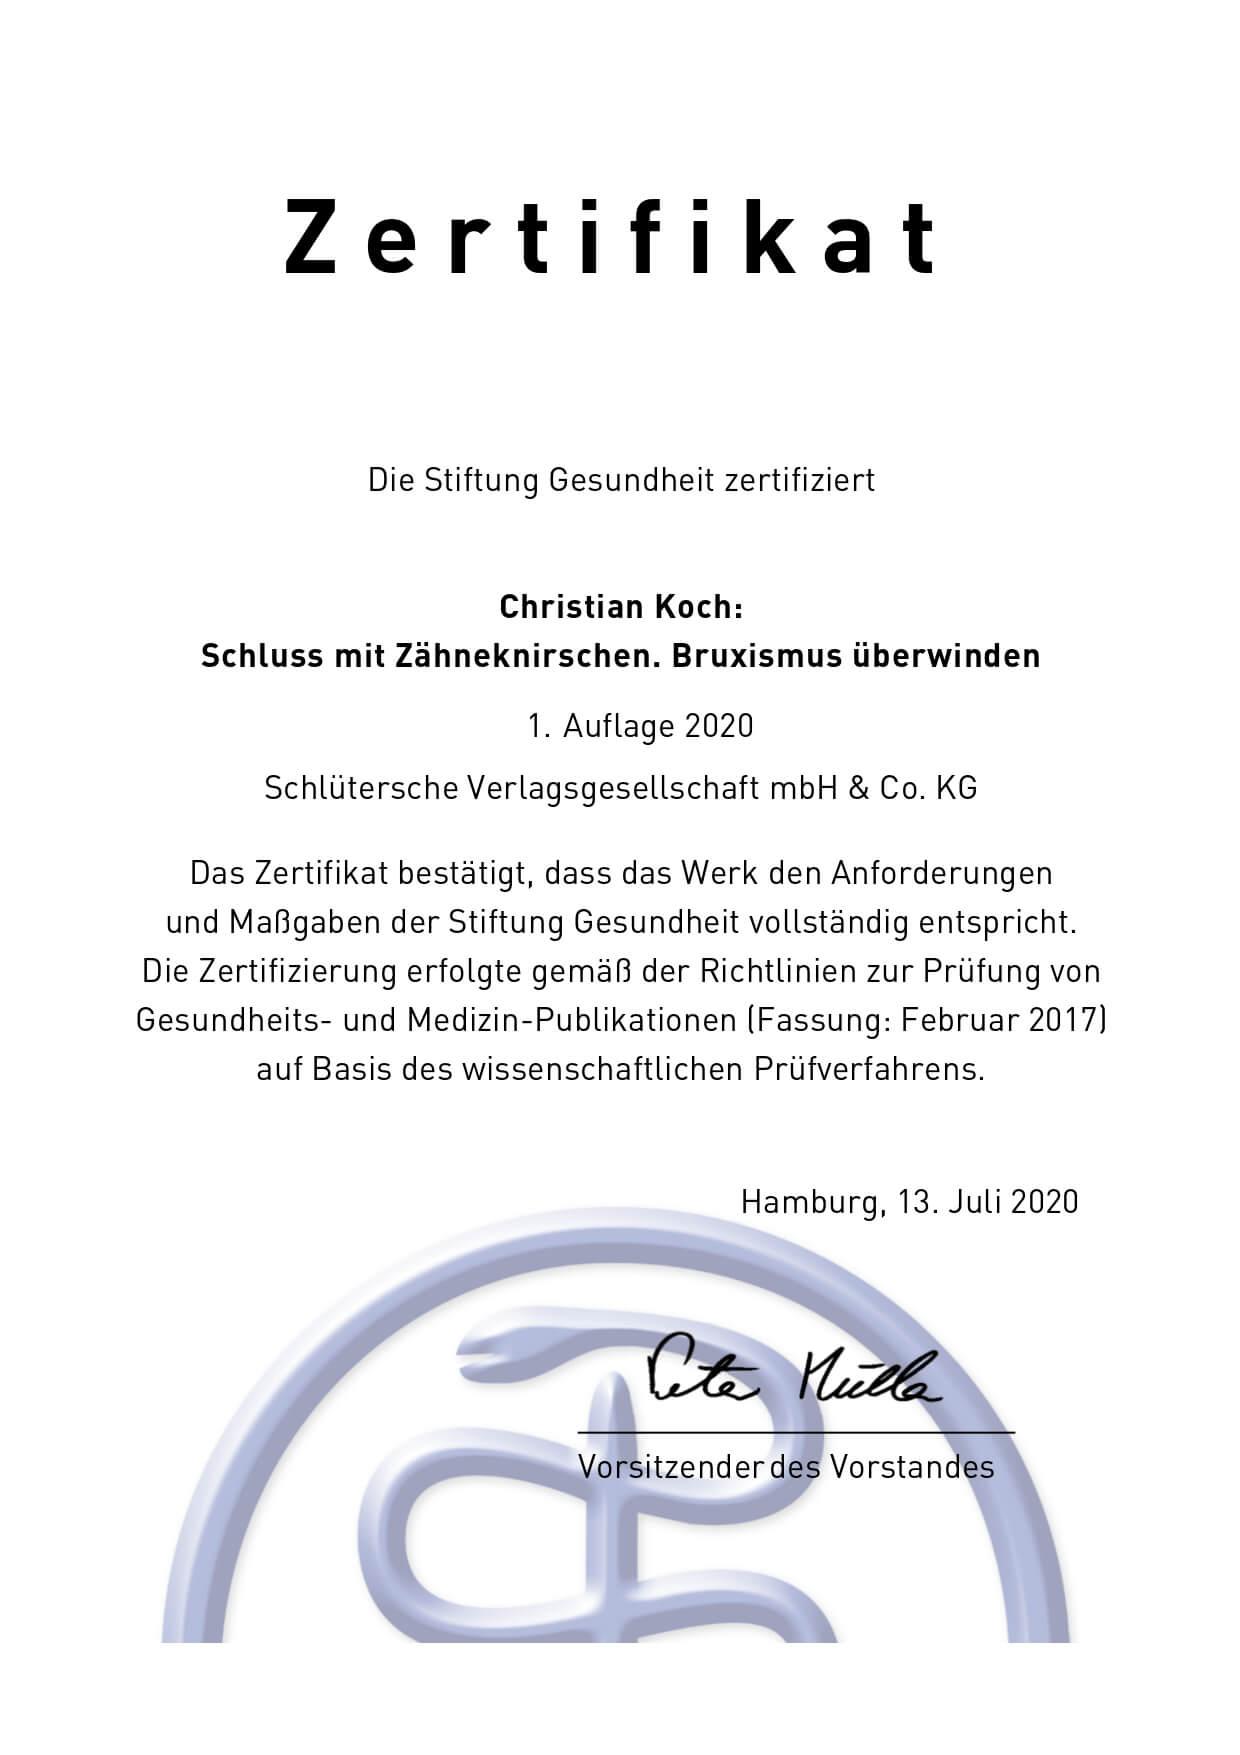 """Stiftung Gesundheit zertifiziert """"Schluss mit Zähneknirschen"""""""